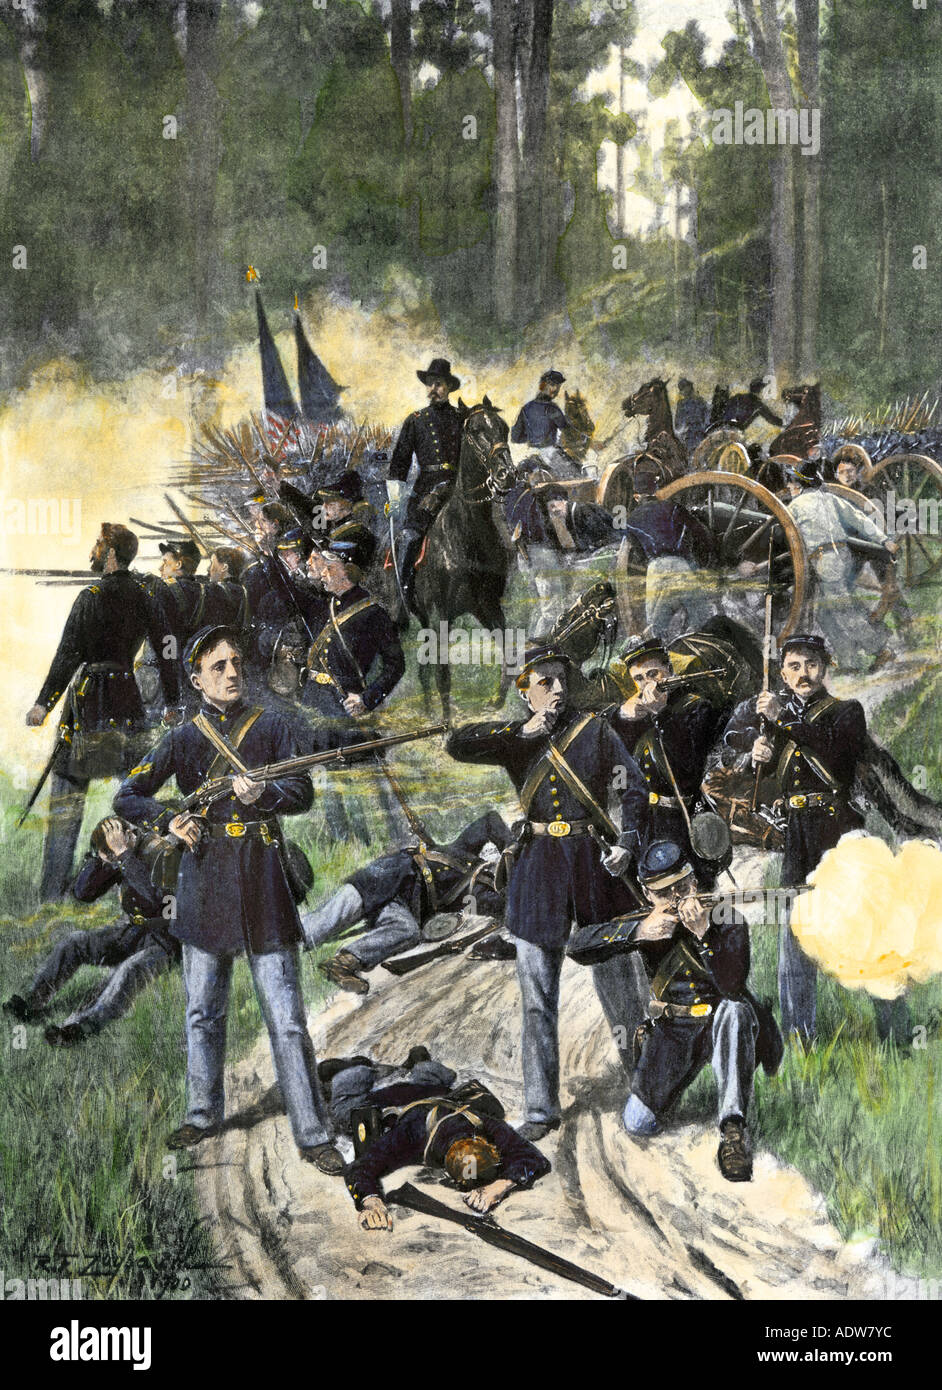 Los soldados Union metida en Gaines Mill en la batalla de Cold Harbor, Virginia, la Guerra Civil Americana, 27 de junio de 1862. Medias tintas coloreadas a mano de una ilustración Imagen De Stock